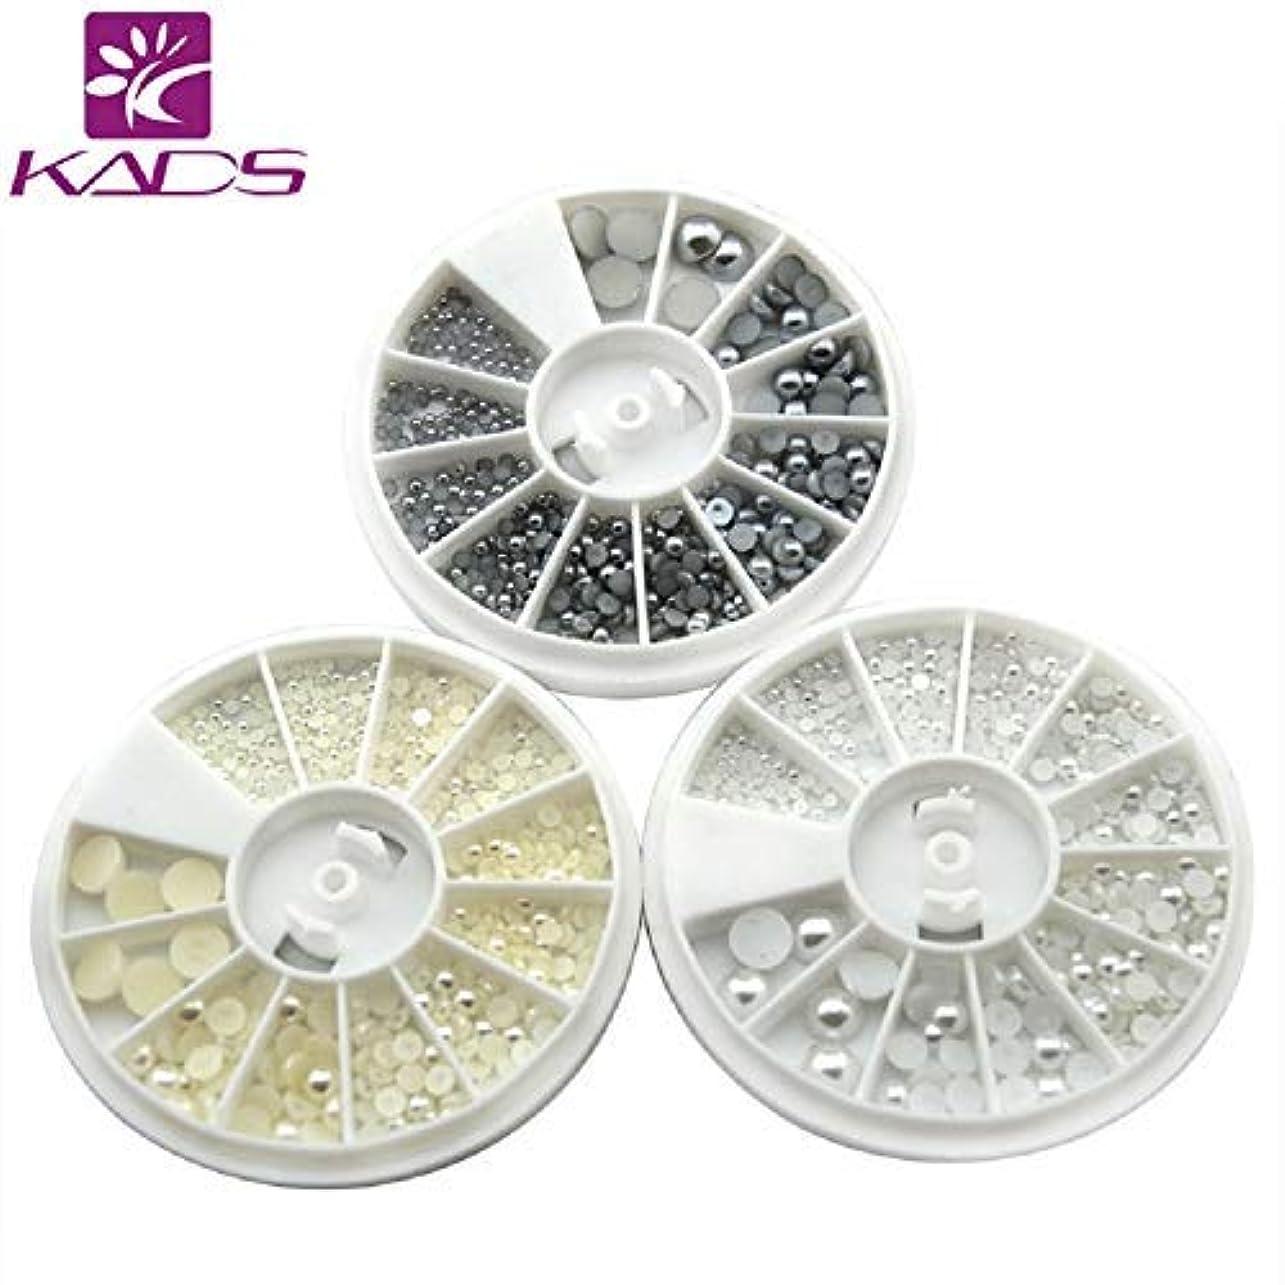 ロマンス意味のある気まぐれなKADS 半円パール ホワイト/ベージュ/グレー 1.5mm/2mm/2.5mm/3mm/4mm/6mm ネイルデコパール マニキュアデコ用パール